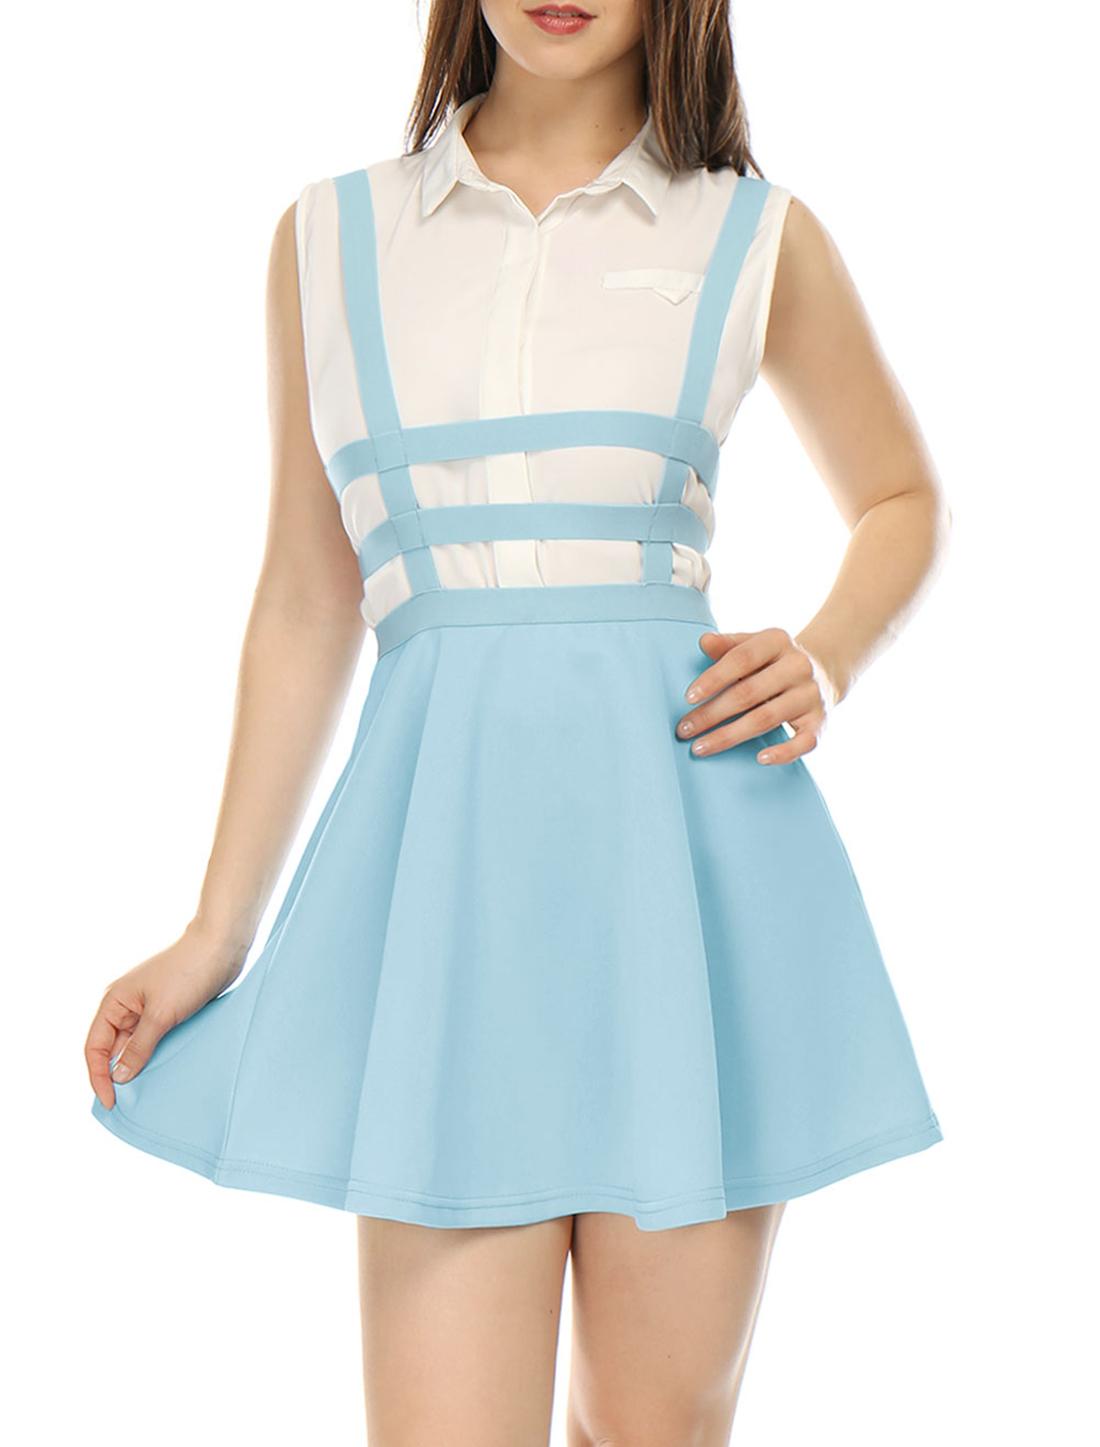 Women Elastic Waist Cut Out A Line Suspender Skirt Light Blue XS